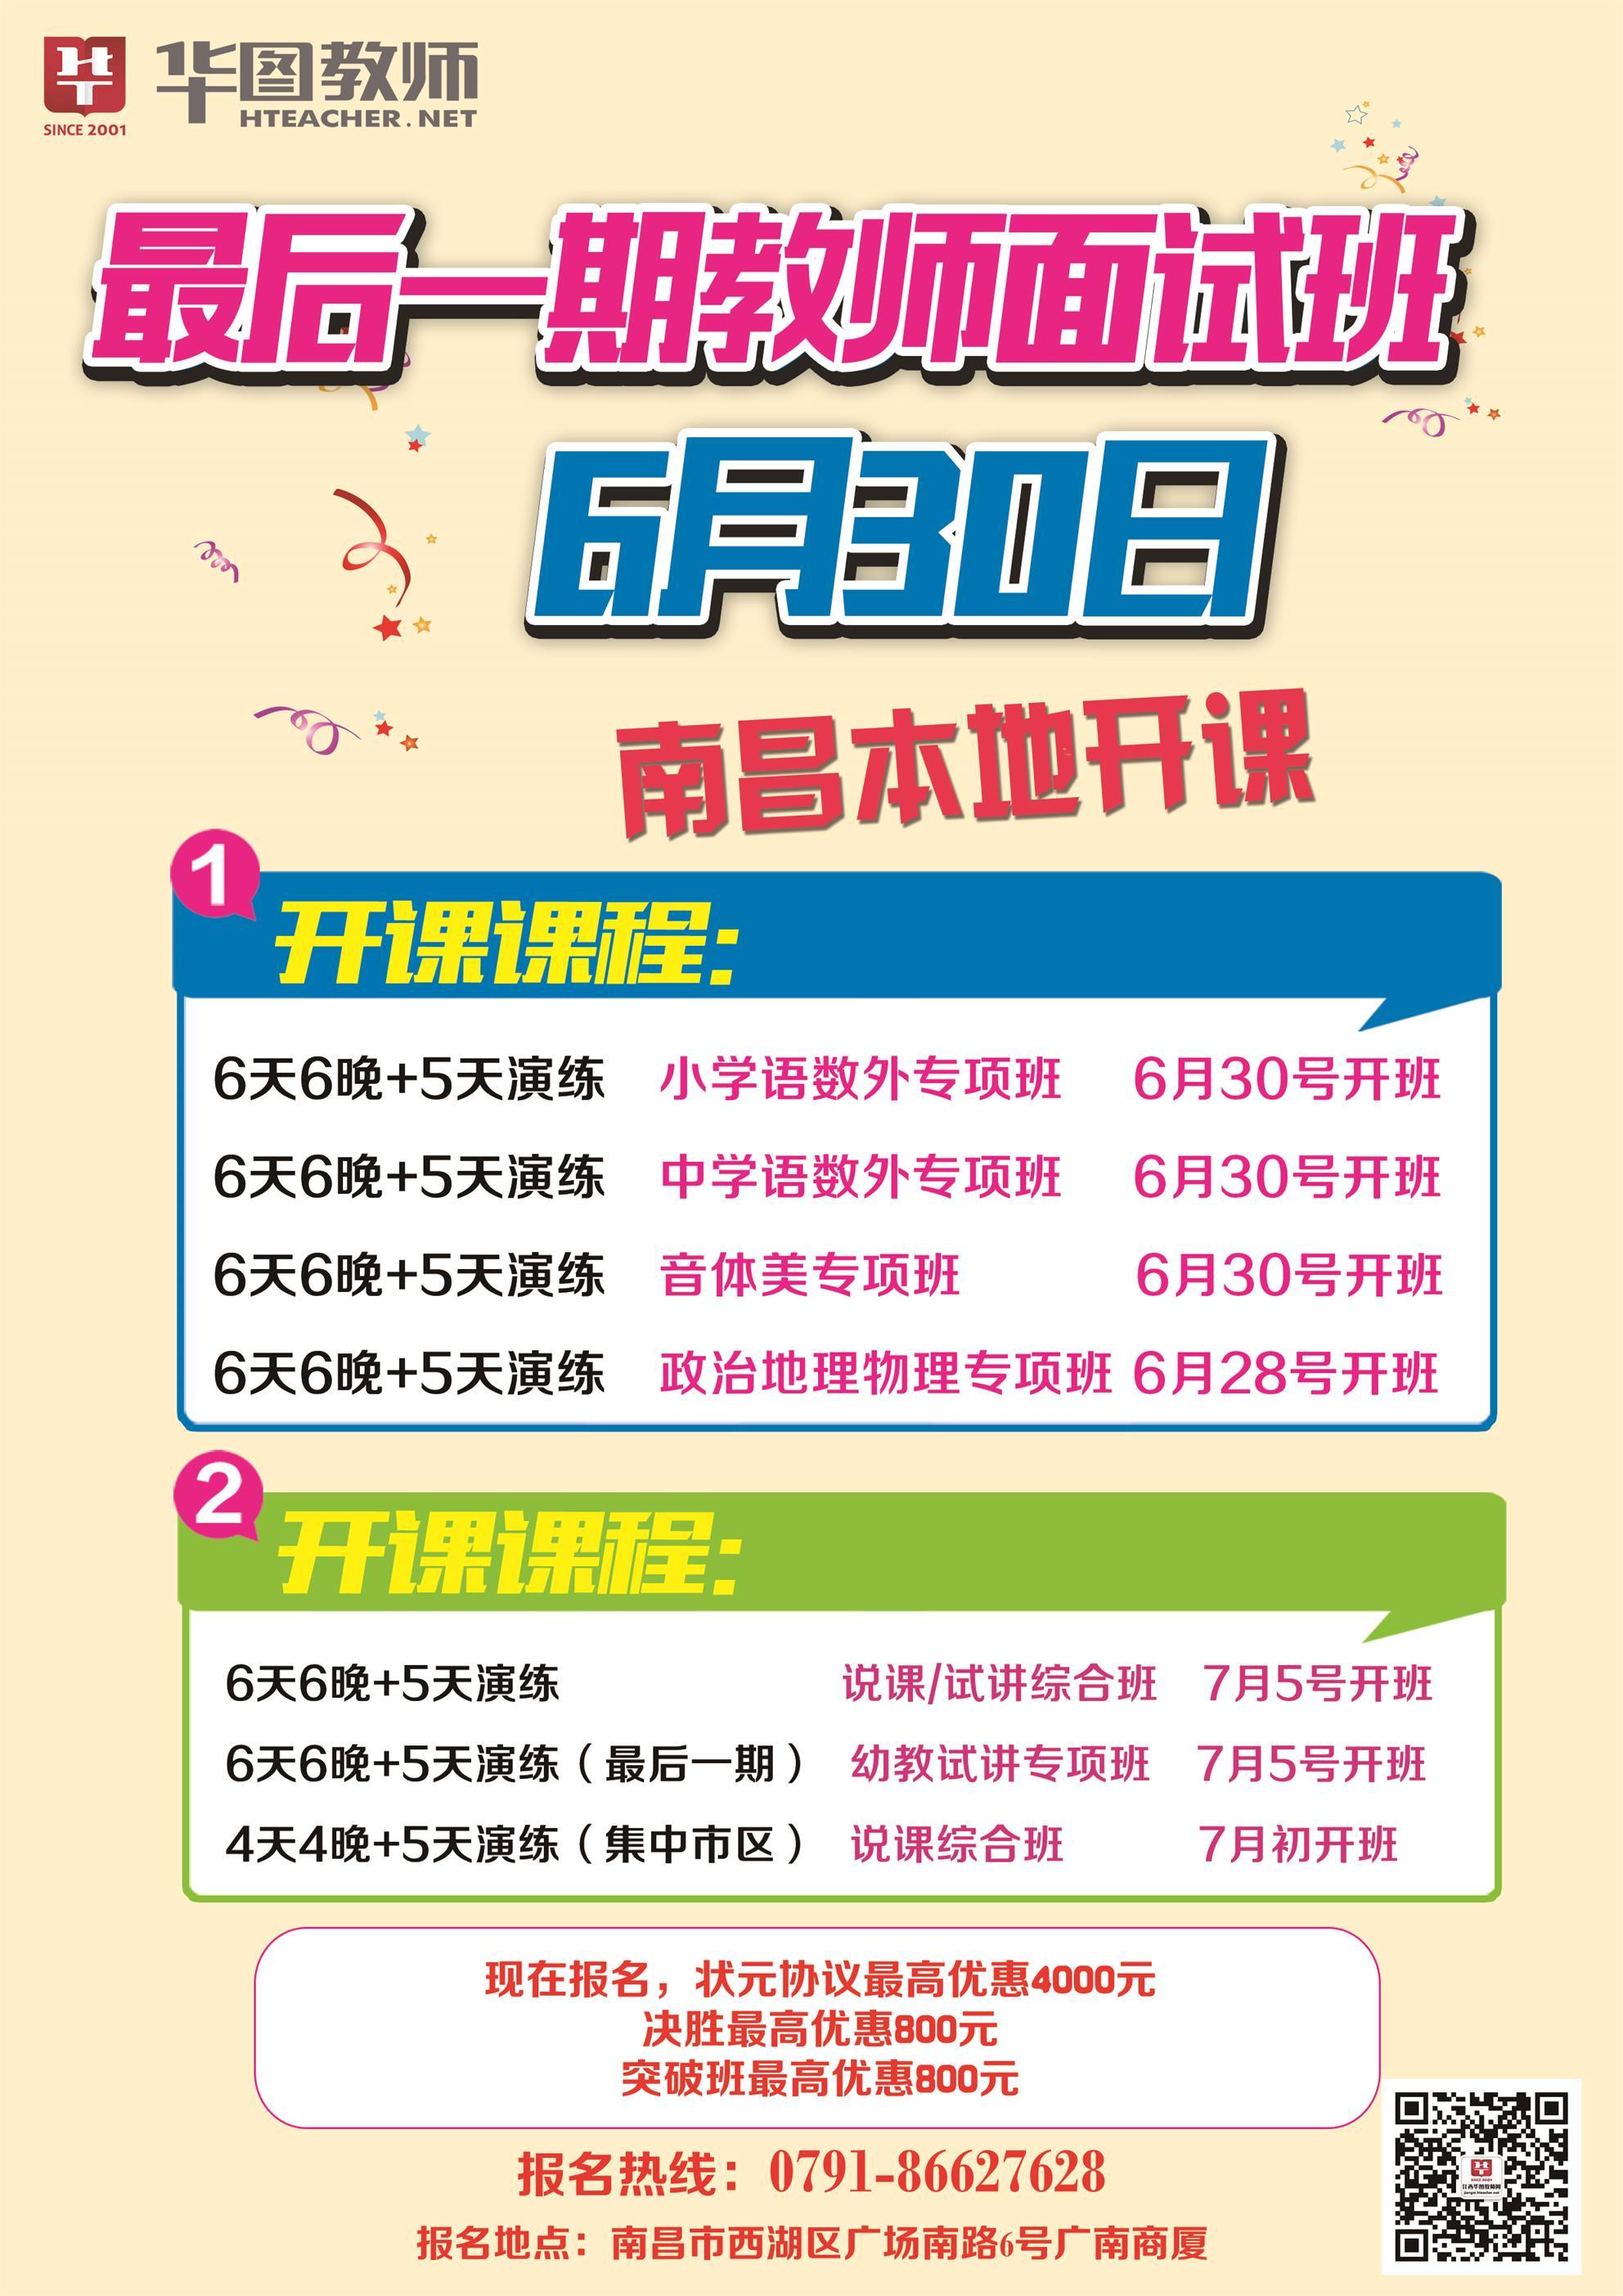 相关推荐: >>2017年江西省中小学幼儿园教师招聘考试信息汇总